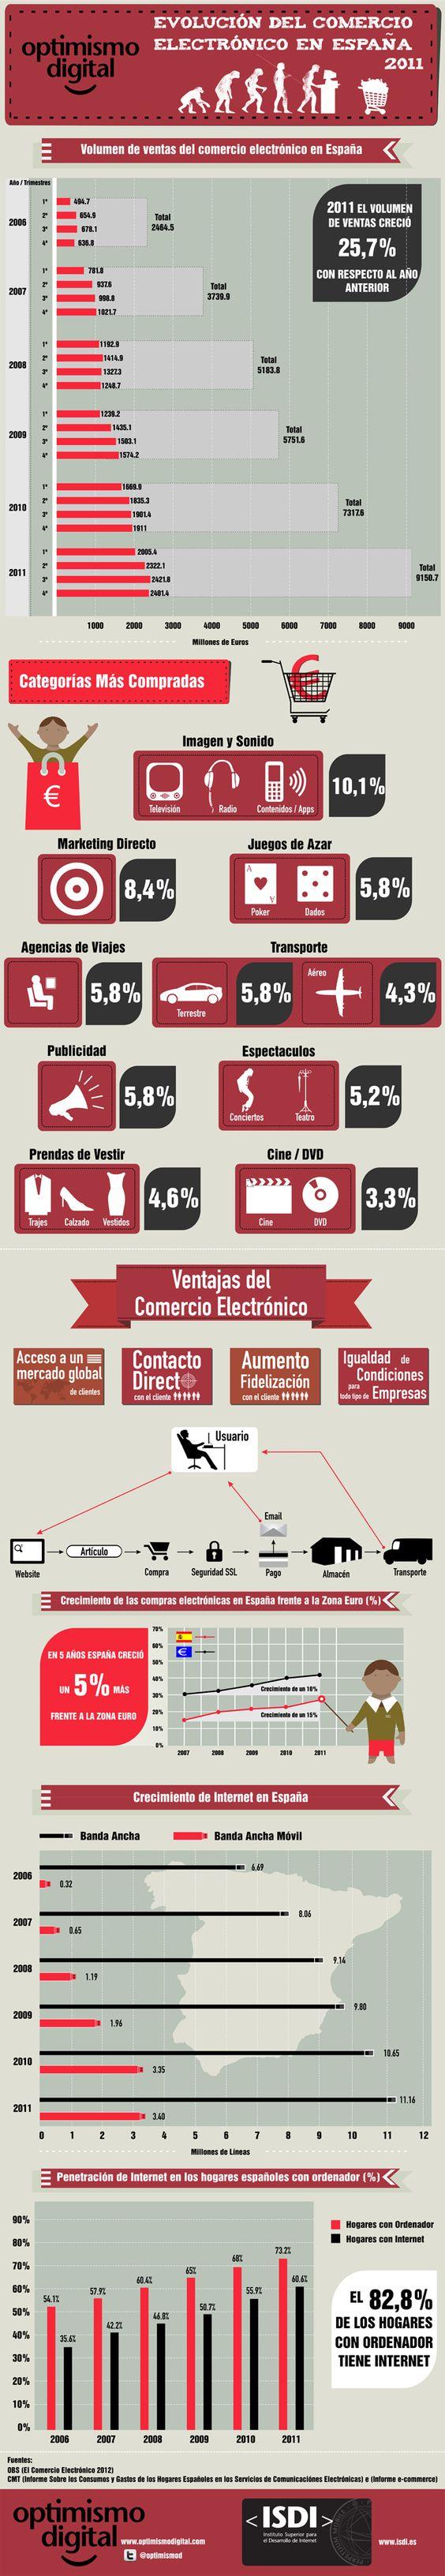 Evolución del comercio electrónico en España 2011